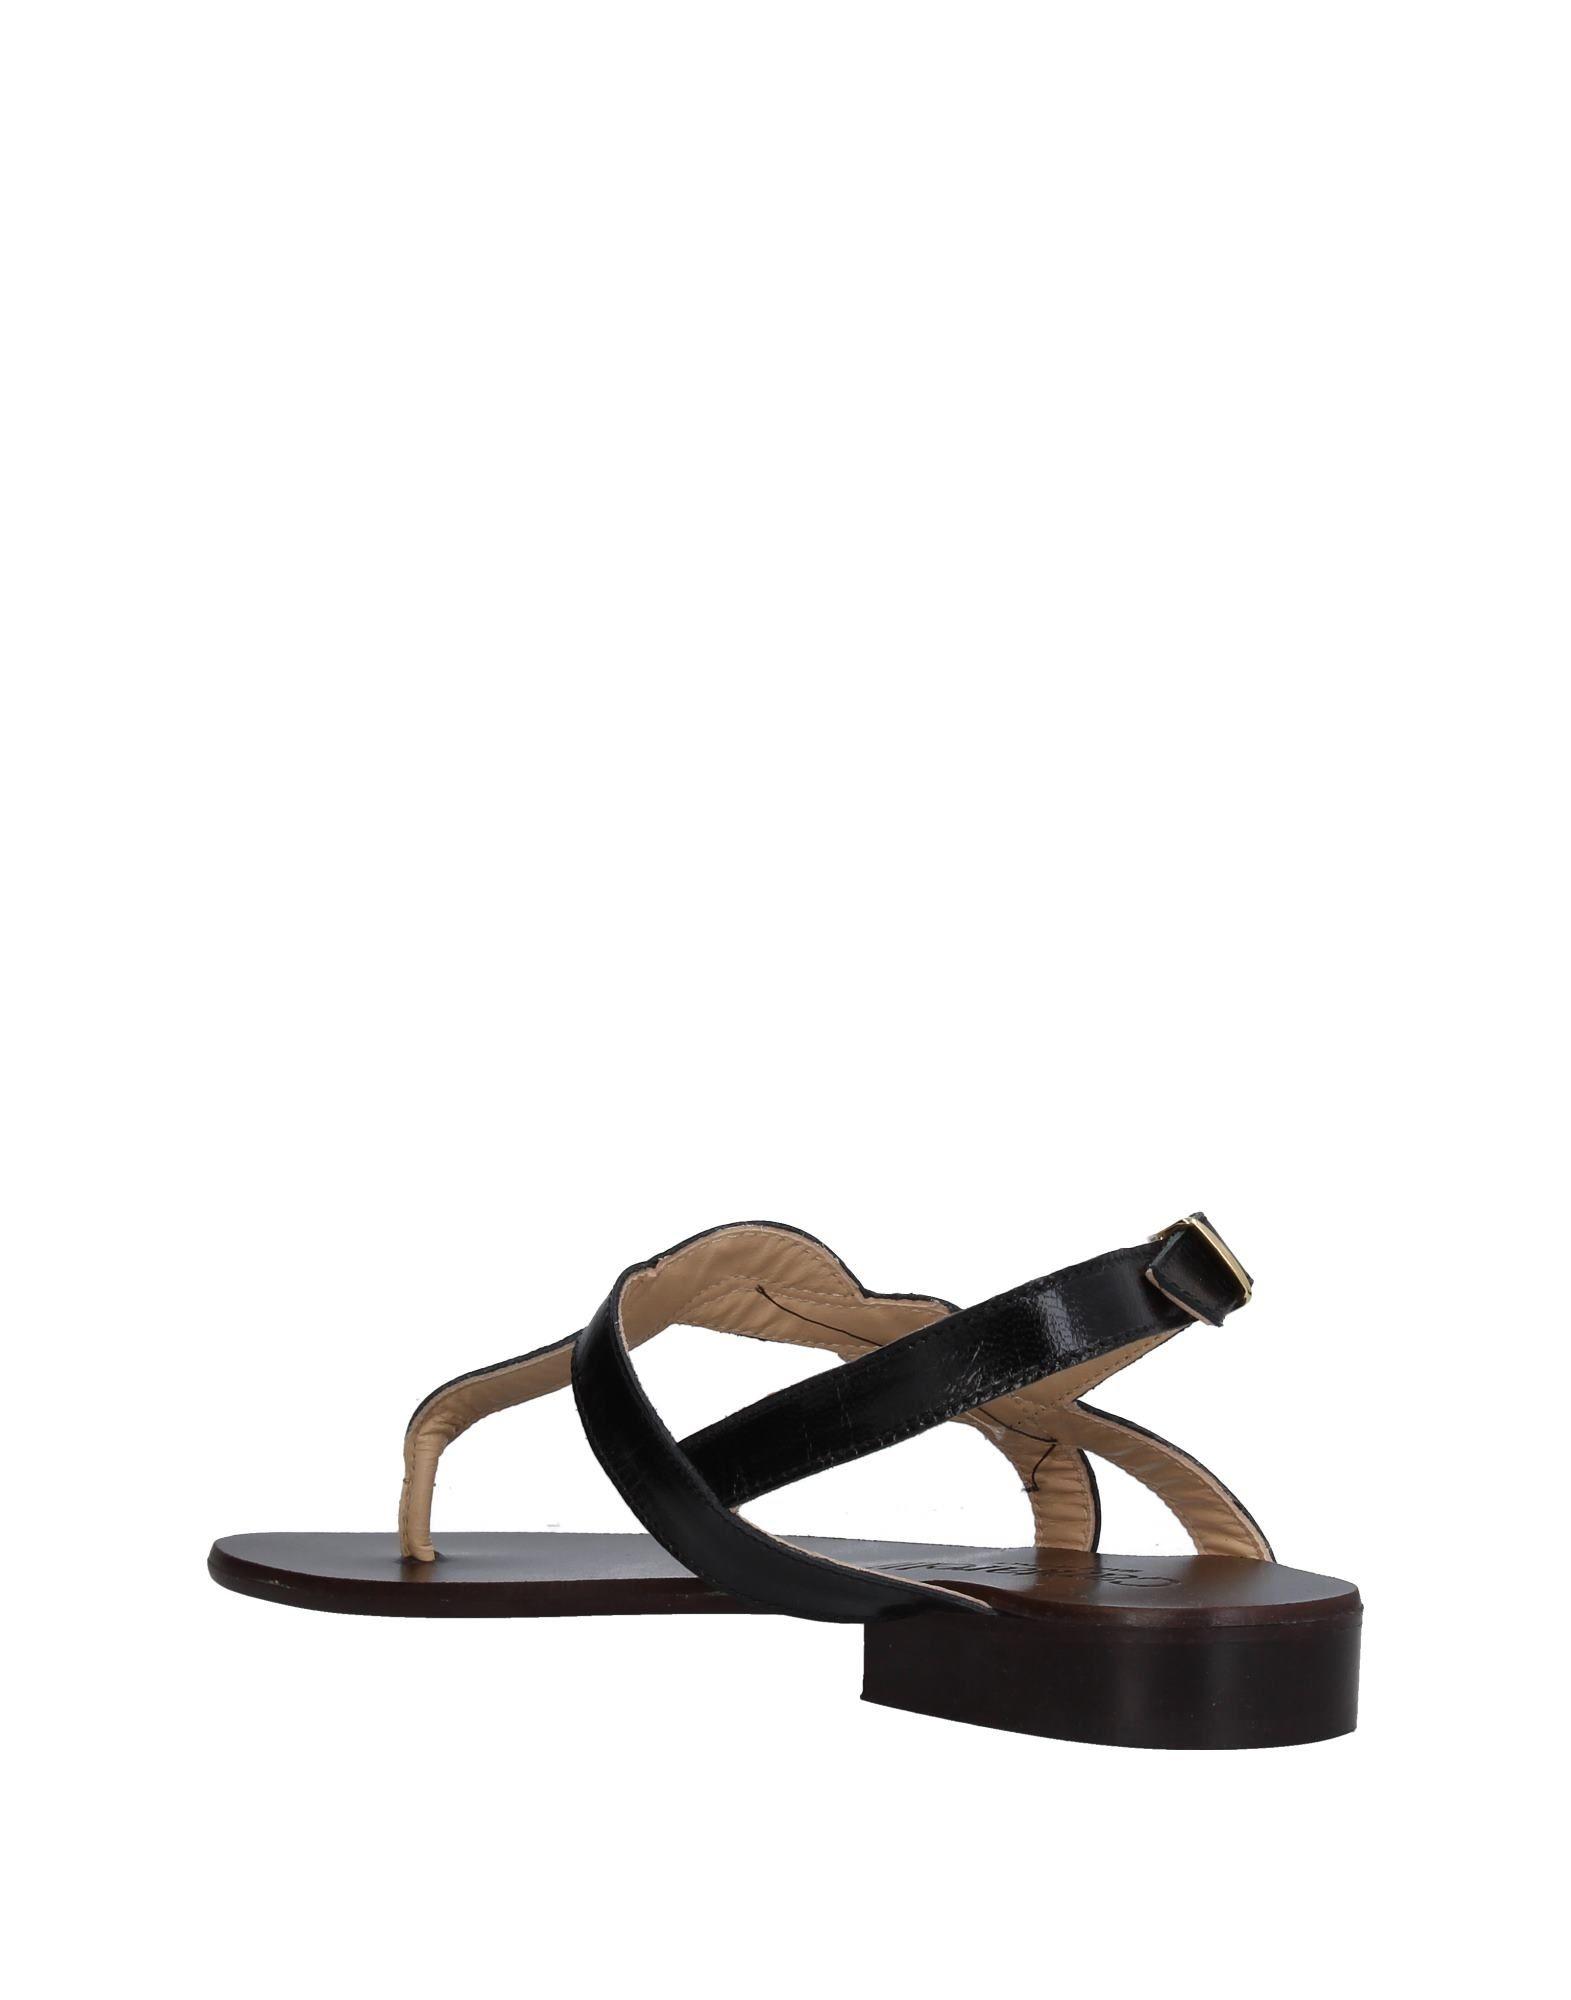 Cantarelli Dianetten Damen Damen Dianetten  11373750CU Gute Qualität beliebte Schuhe ea93d5